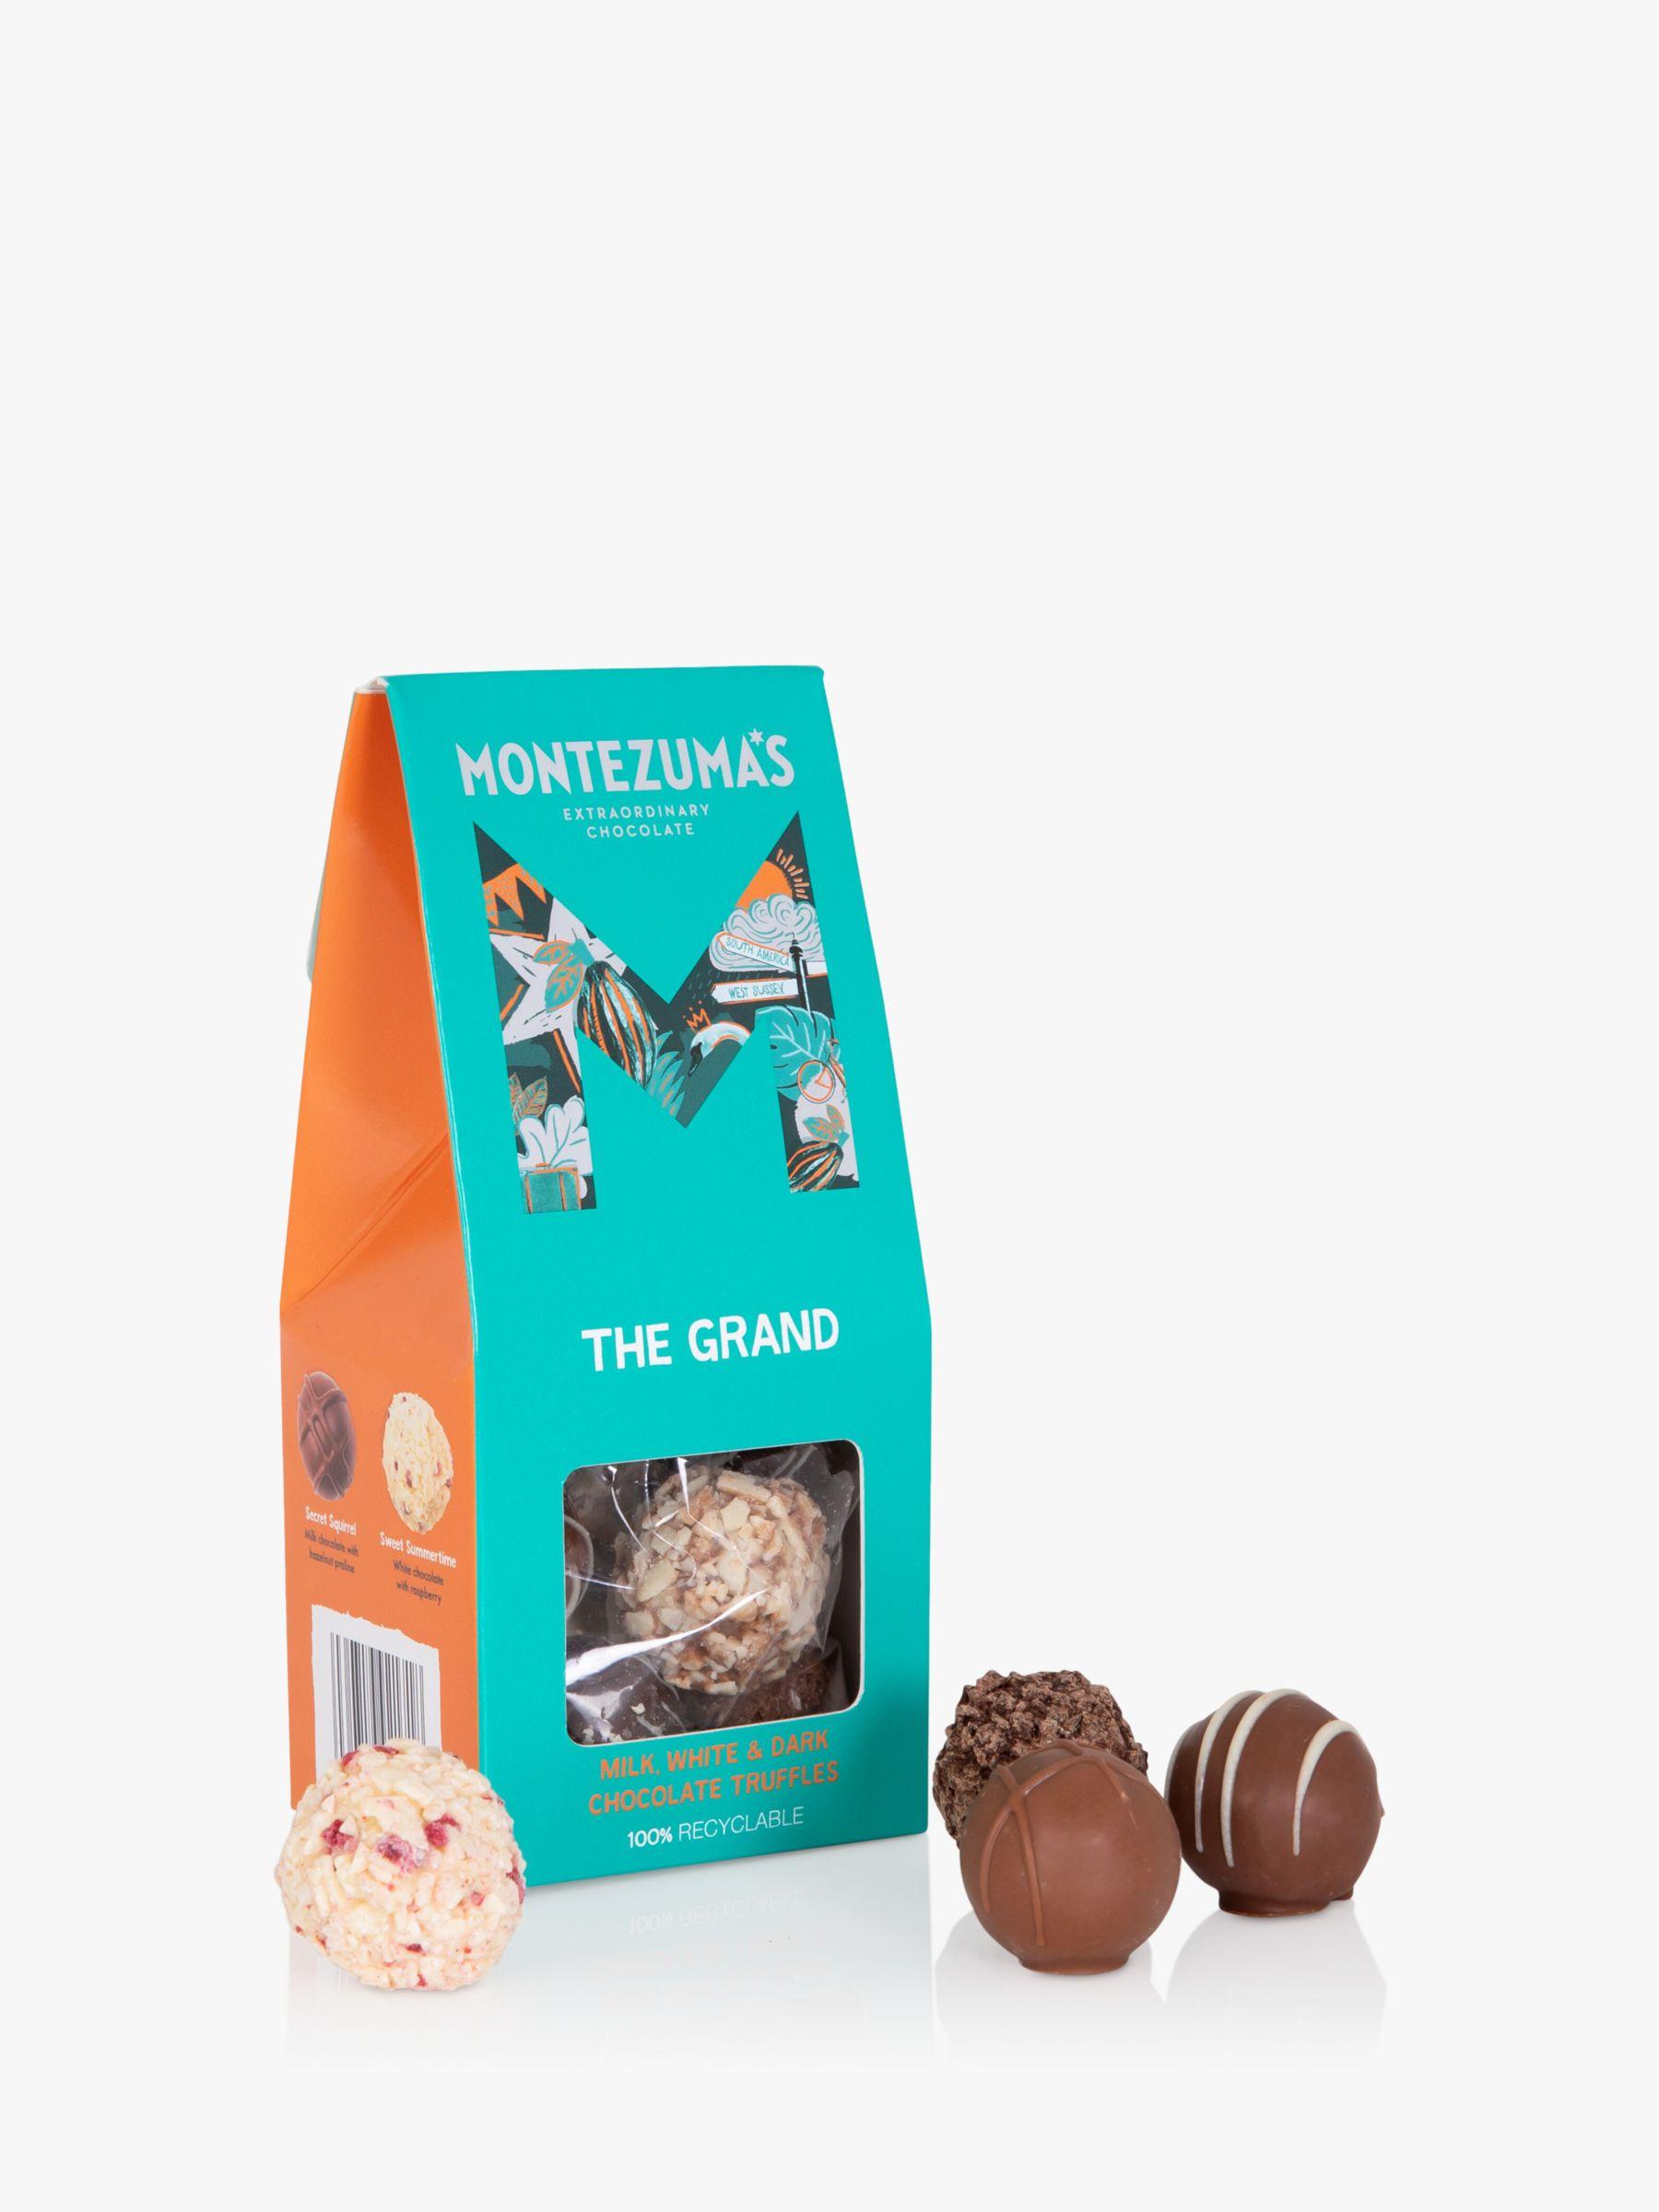 Montezuma's Montezuma's The Grand, Milk, White and Dark Chocolate Truffle Carton, 120g